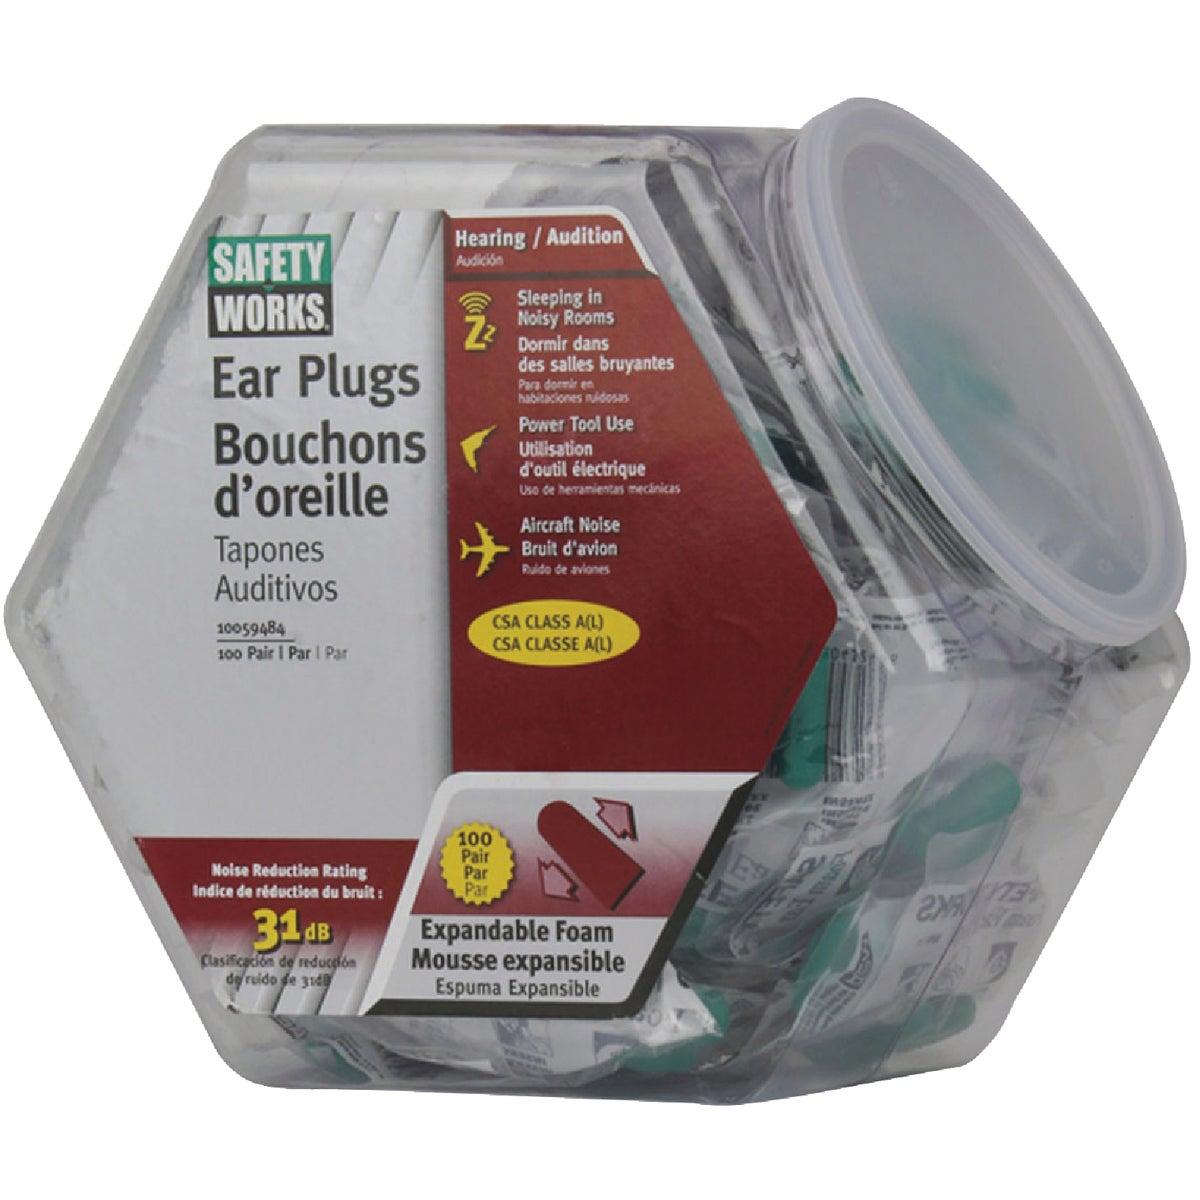 100PR FOAM EARPLUGS - 10059484 by Msa Safety